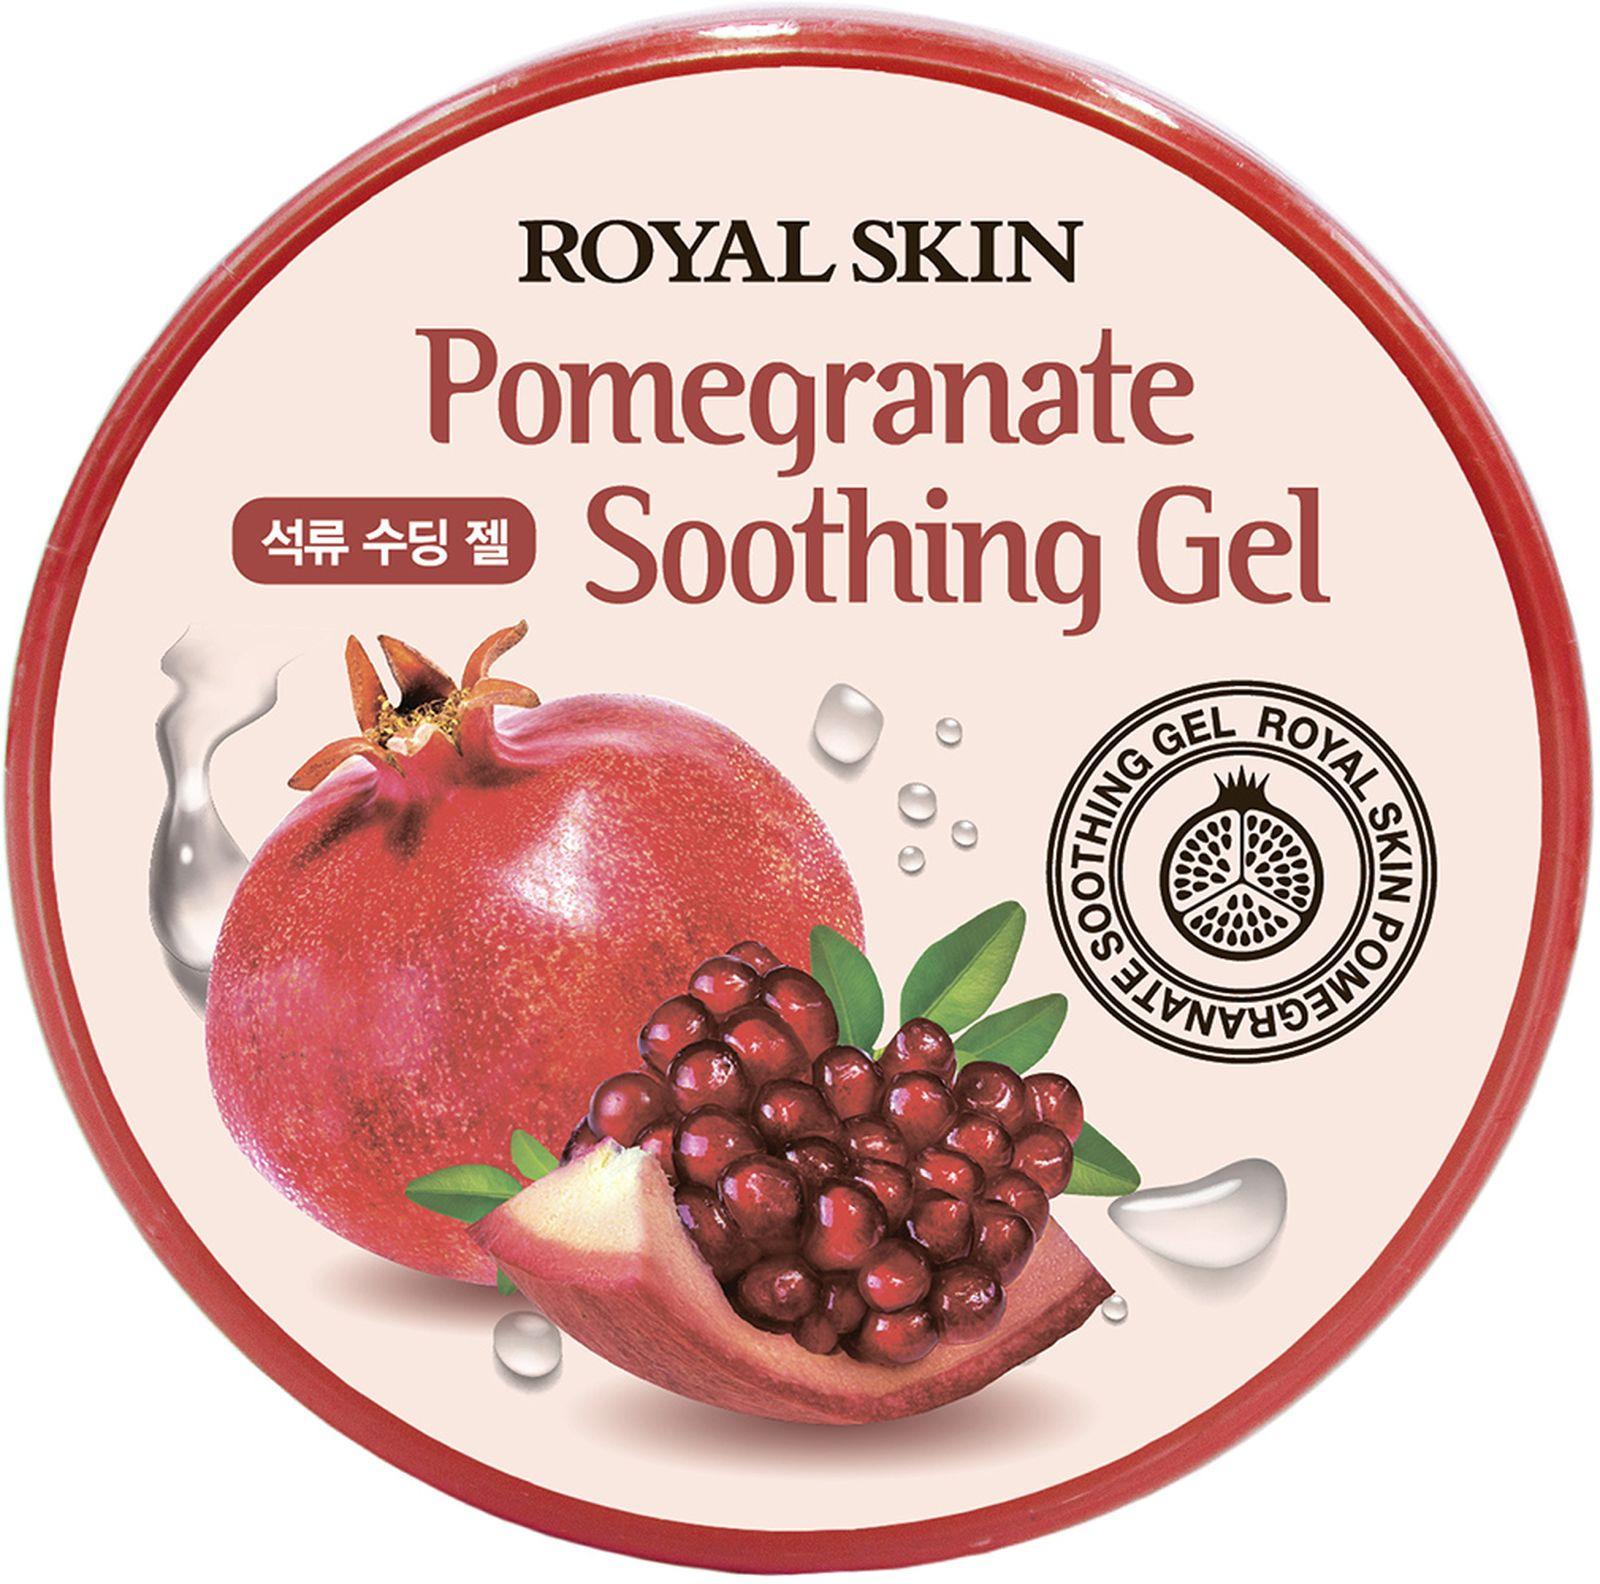 Гель для лица и тела Royal Skin, с экстрактом граната, 300 мл Royal Skin